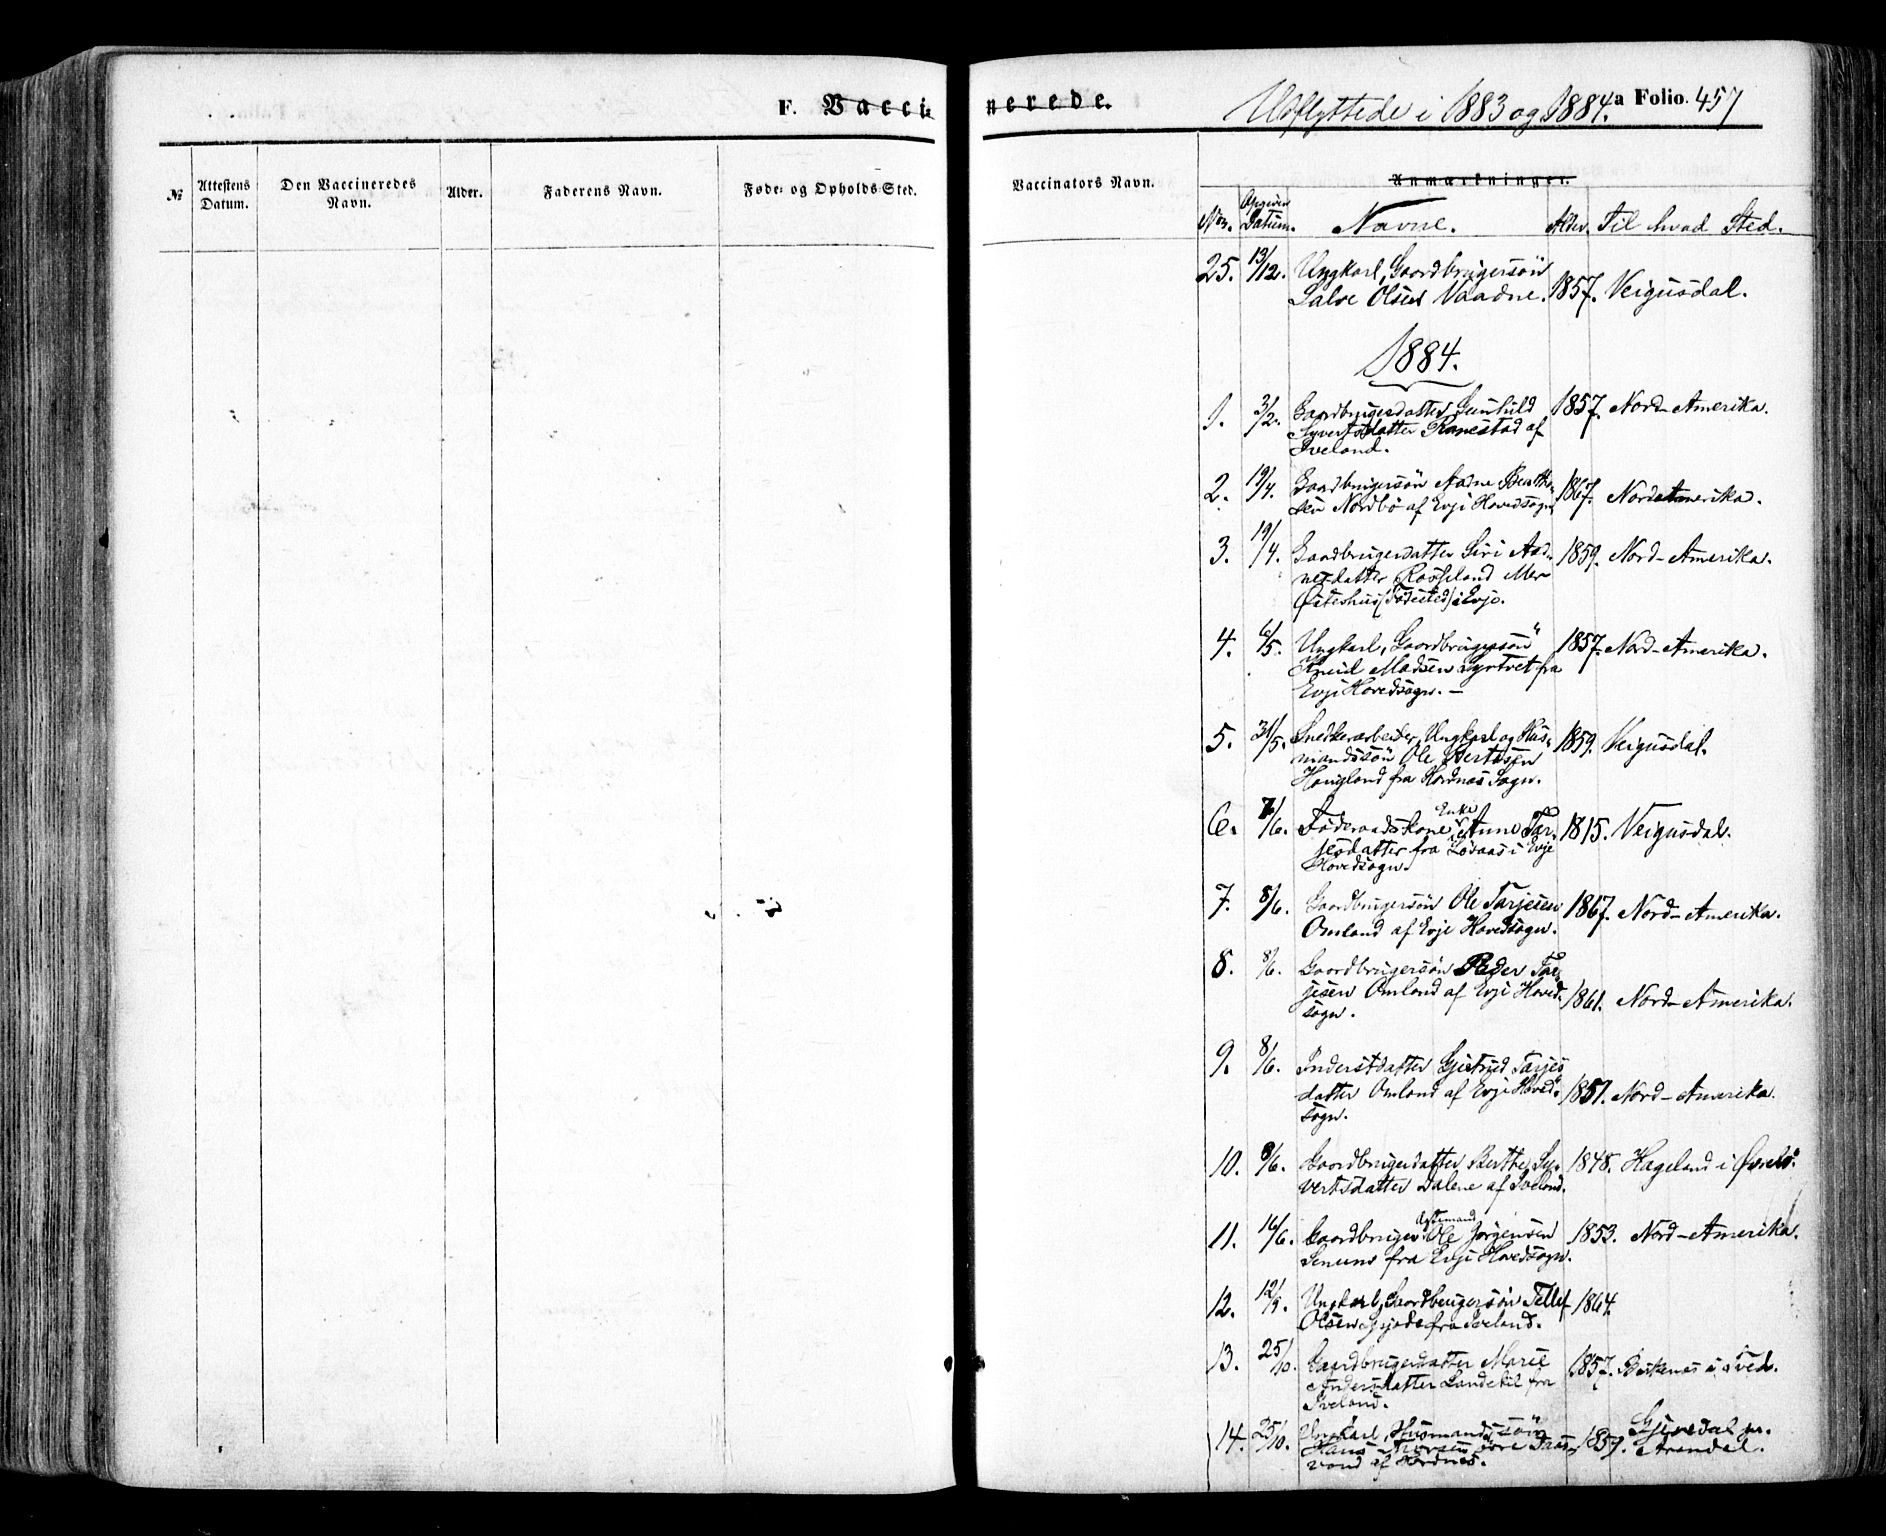 SAK, Evje sokneprestkontor, F/Fa/Faa/L0006: Ministerialbok nr. A 6, 1866-1884, s. 457